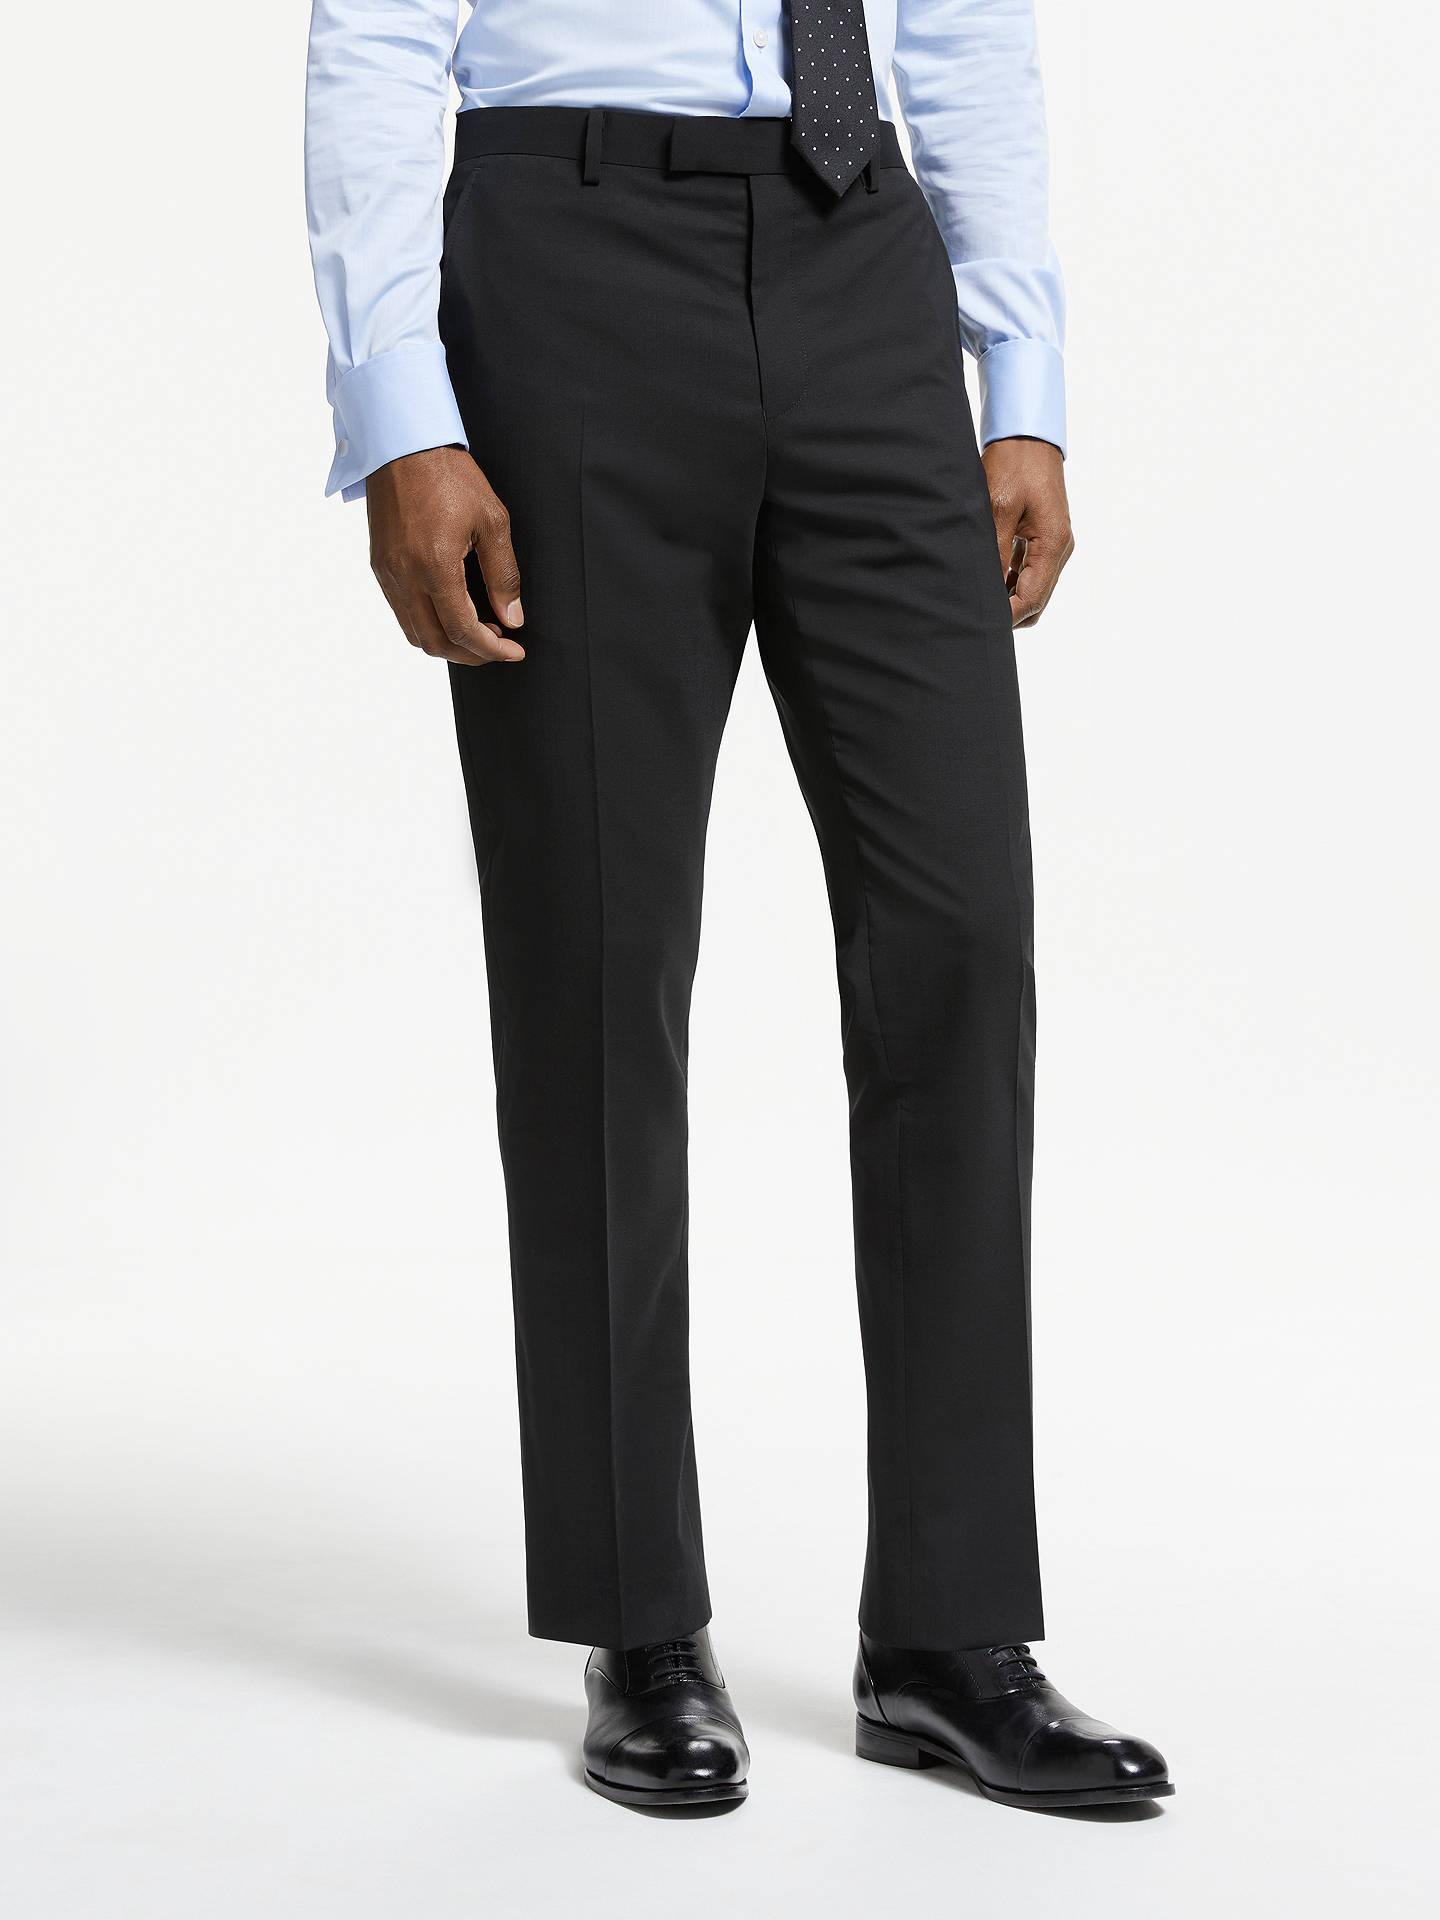 de0063ee7177 Buy John Lewis & Partners Plain Slim Fit Suit Trousers, Black, 34R Online  at ...